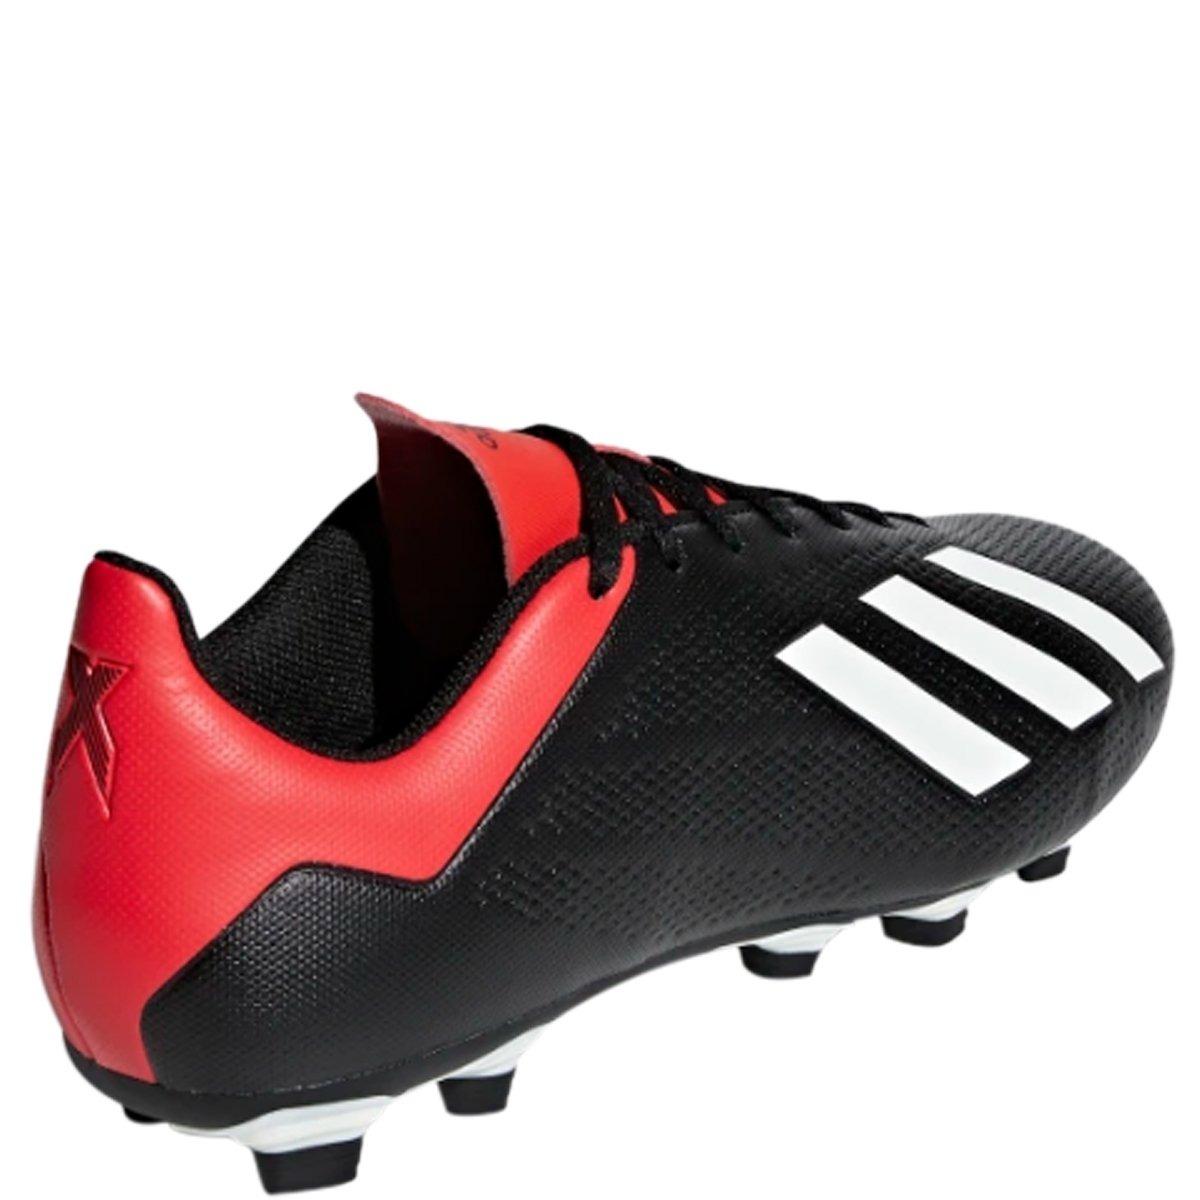 dcb70cbc95490 Chuteira Futebol De Campo adidas X 18.4 Fg - R$ 229,90 em Mercado Livre